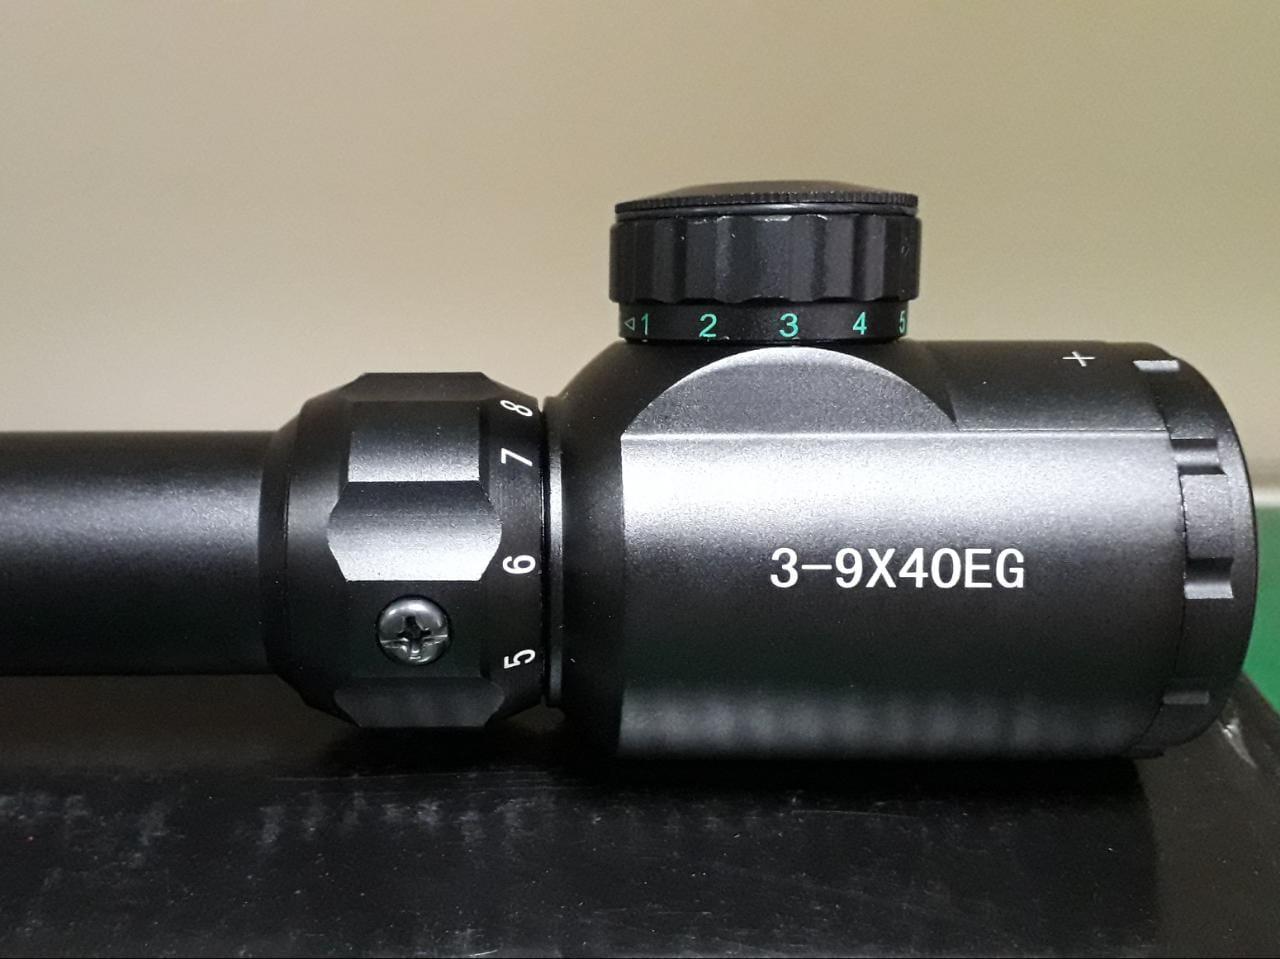 Luneta Riflescope 3-9x40 EG